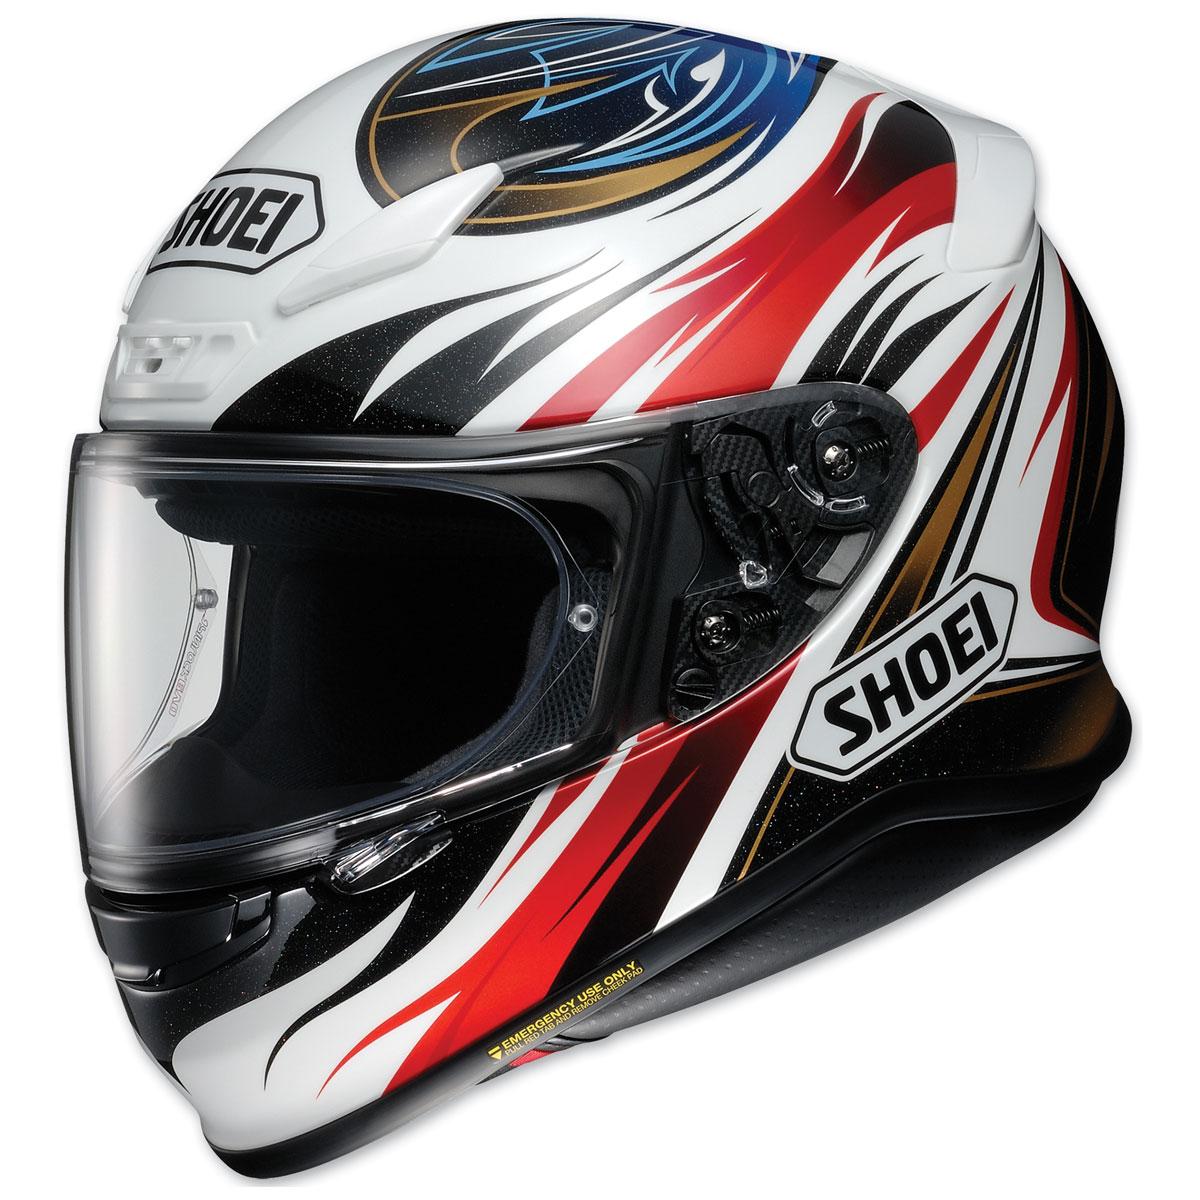 Shoei RF-1200 Incision Black/Red/White/Blue Full Face Helmet